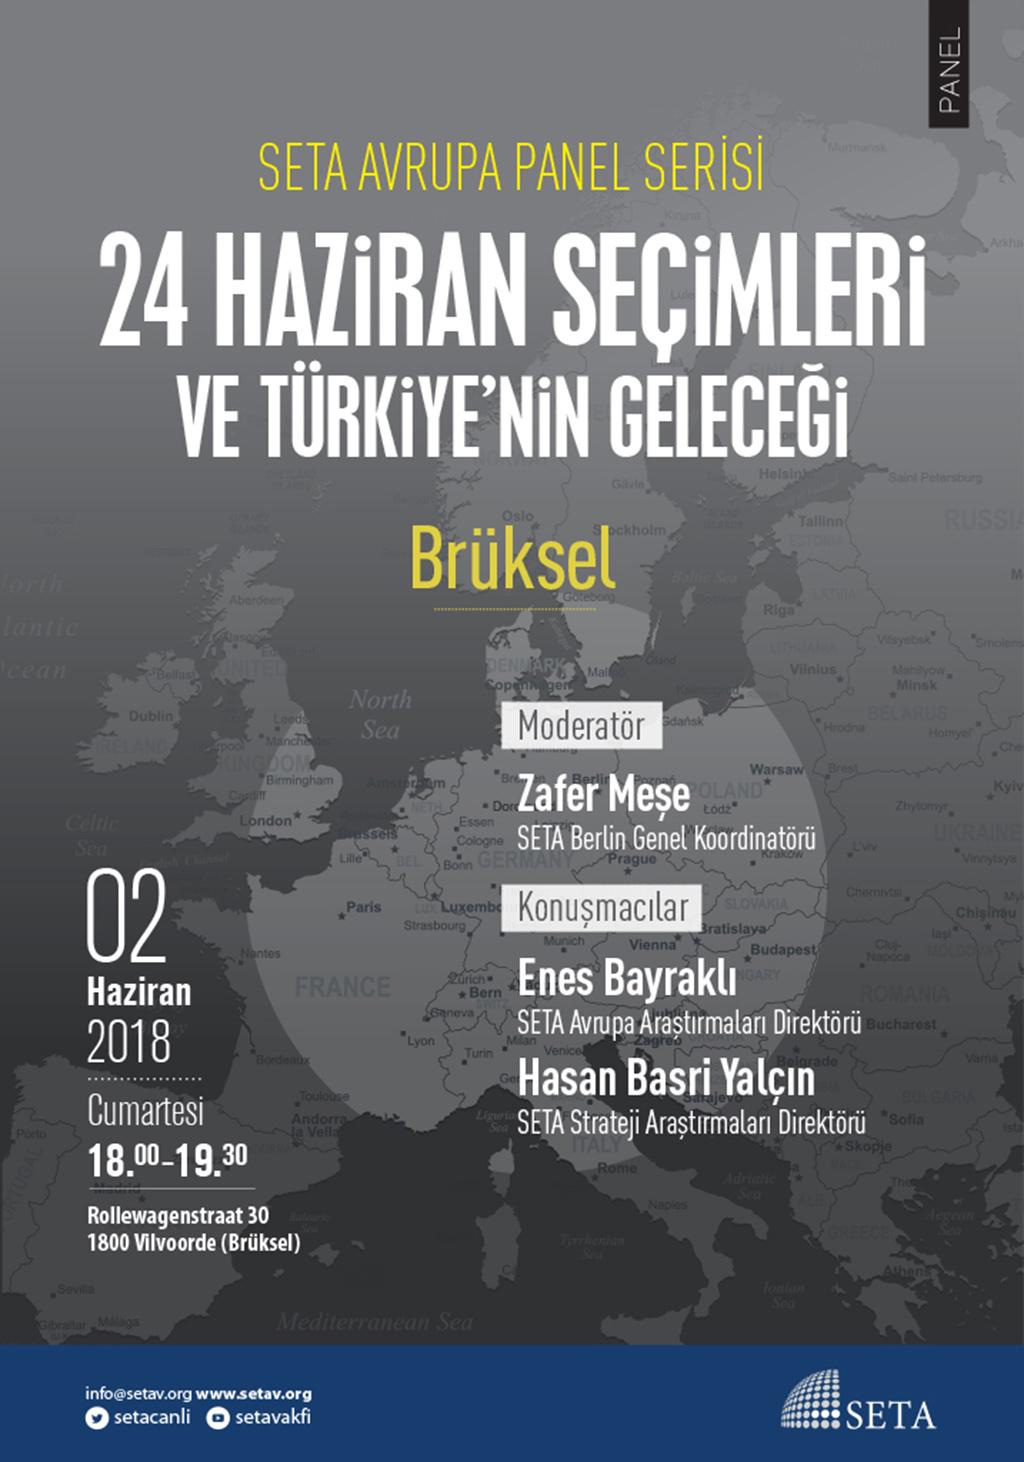 Panel: Brüksel   24 Haziran Seçimleri ve Türkiye'nin Geleceği